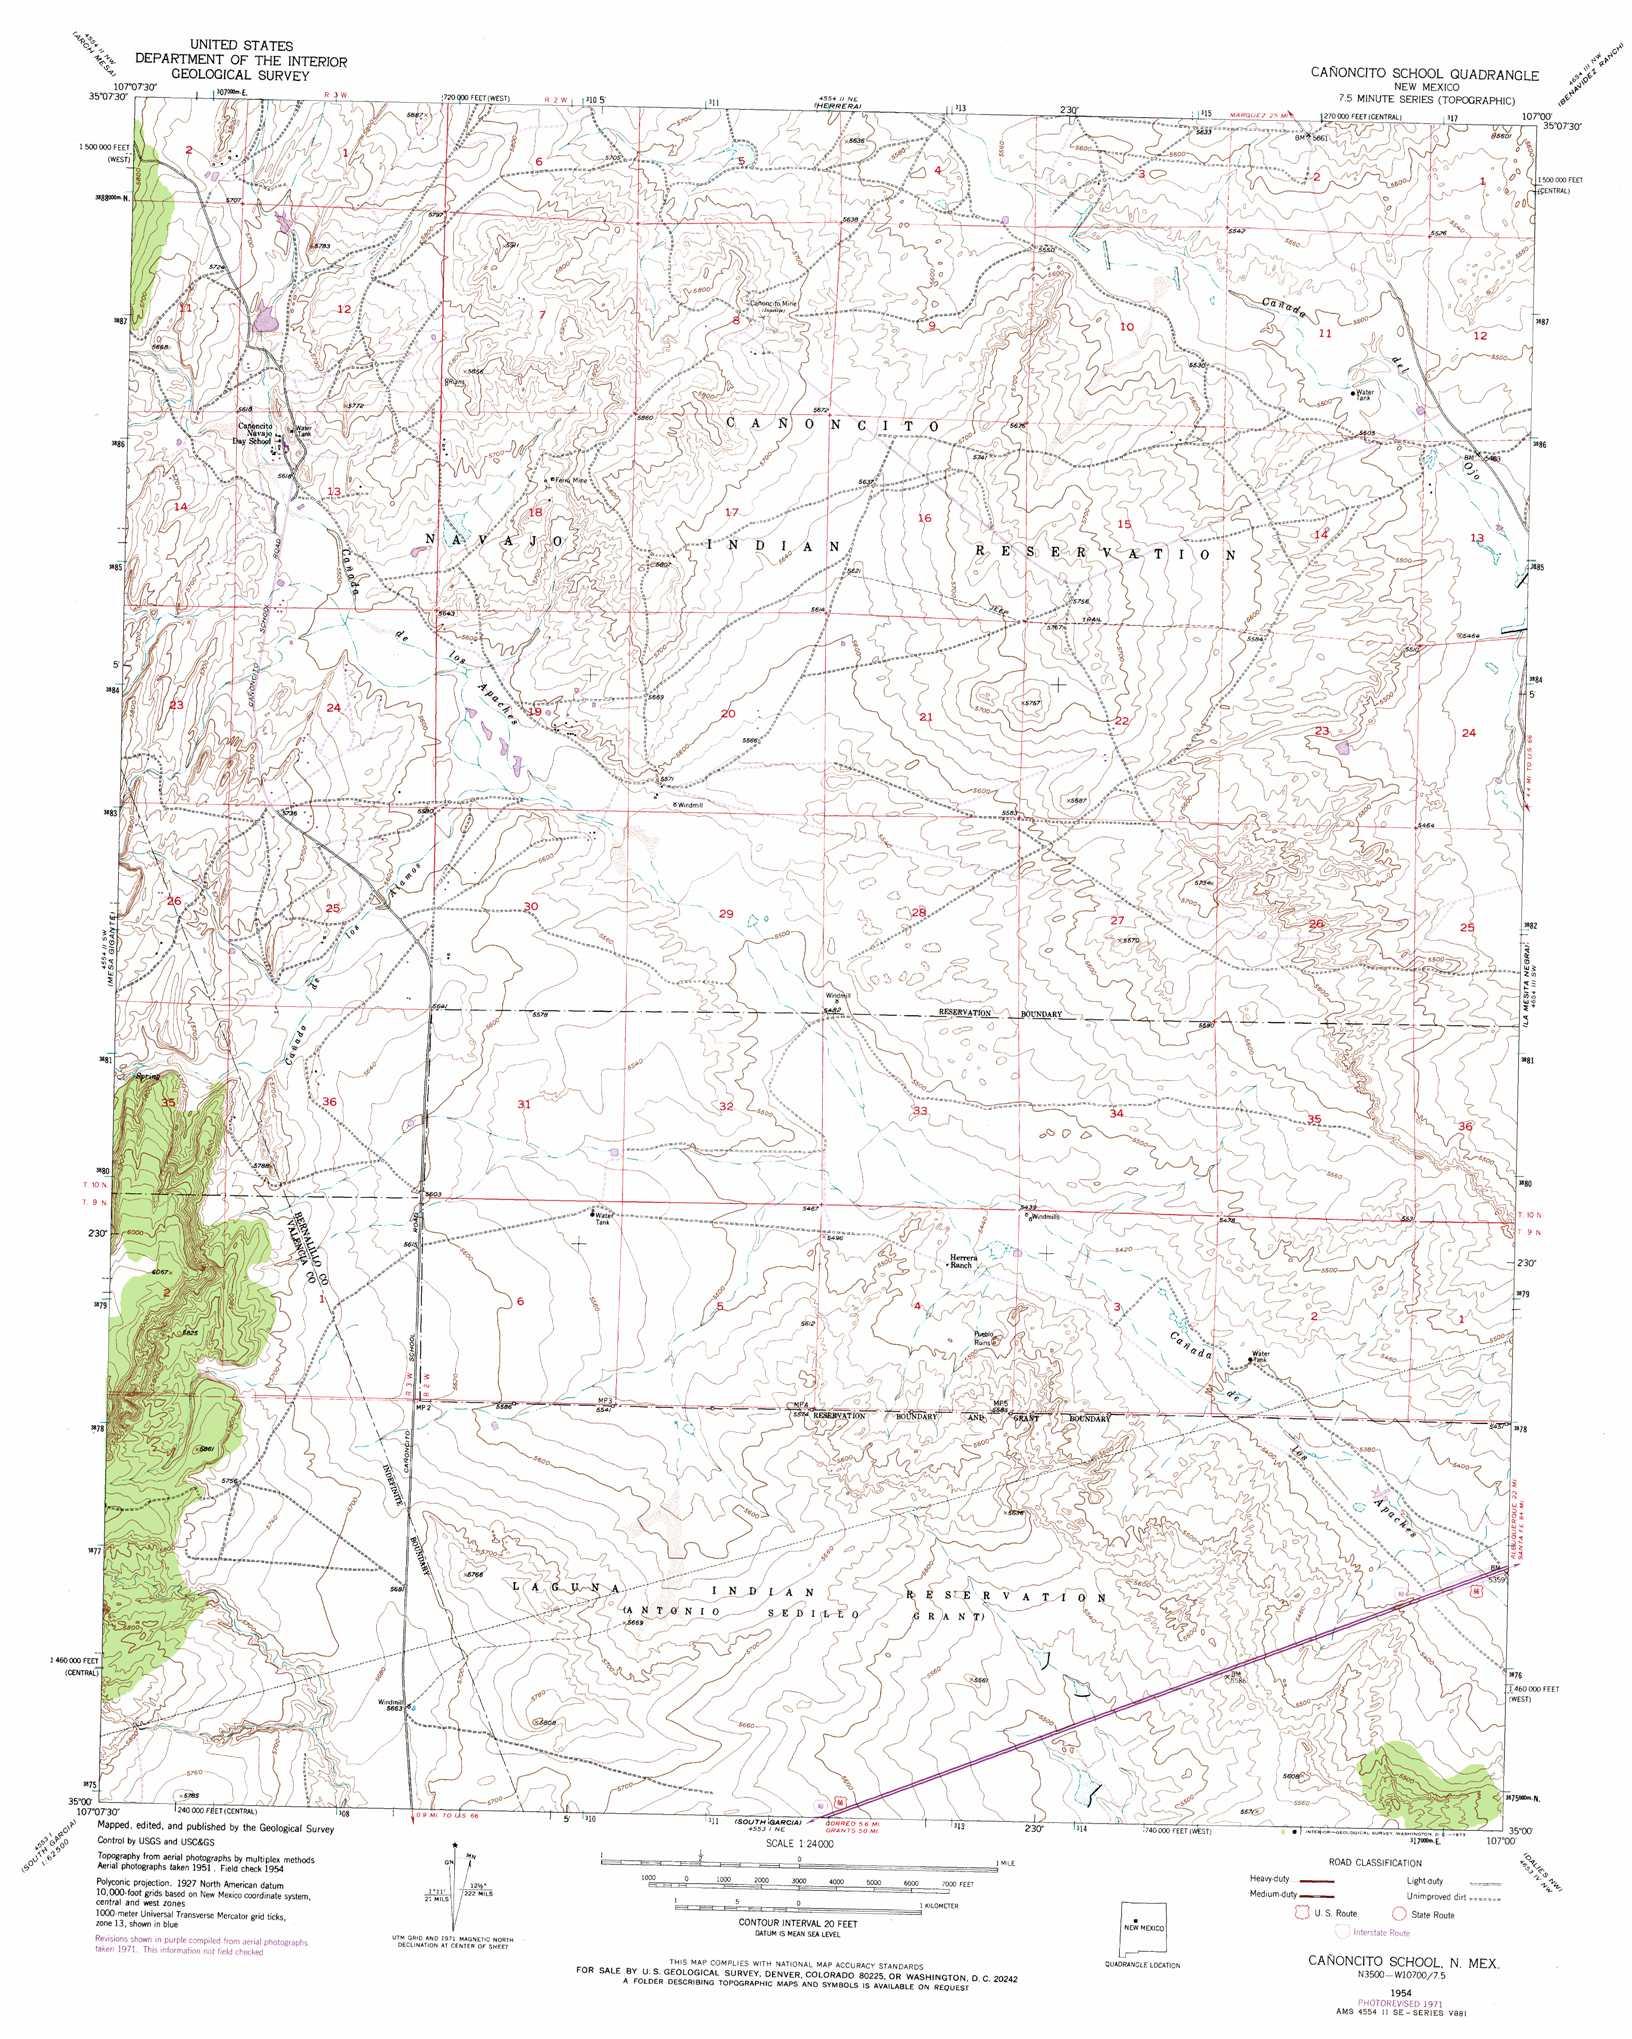 Canoncito School Topographic Map NM  USGS Topo Quad 35107a1